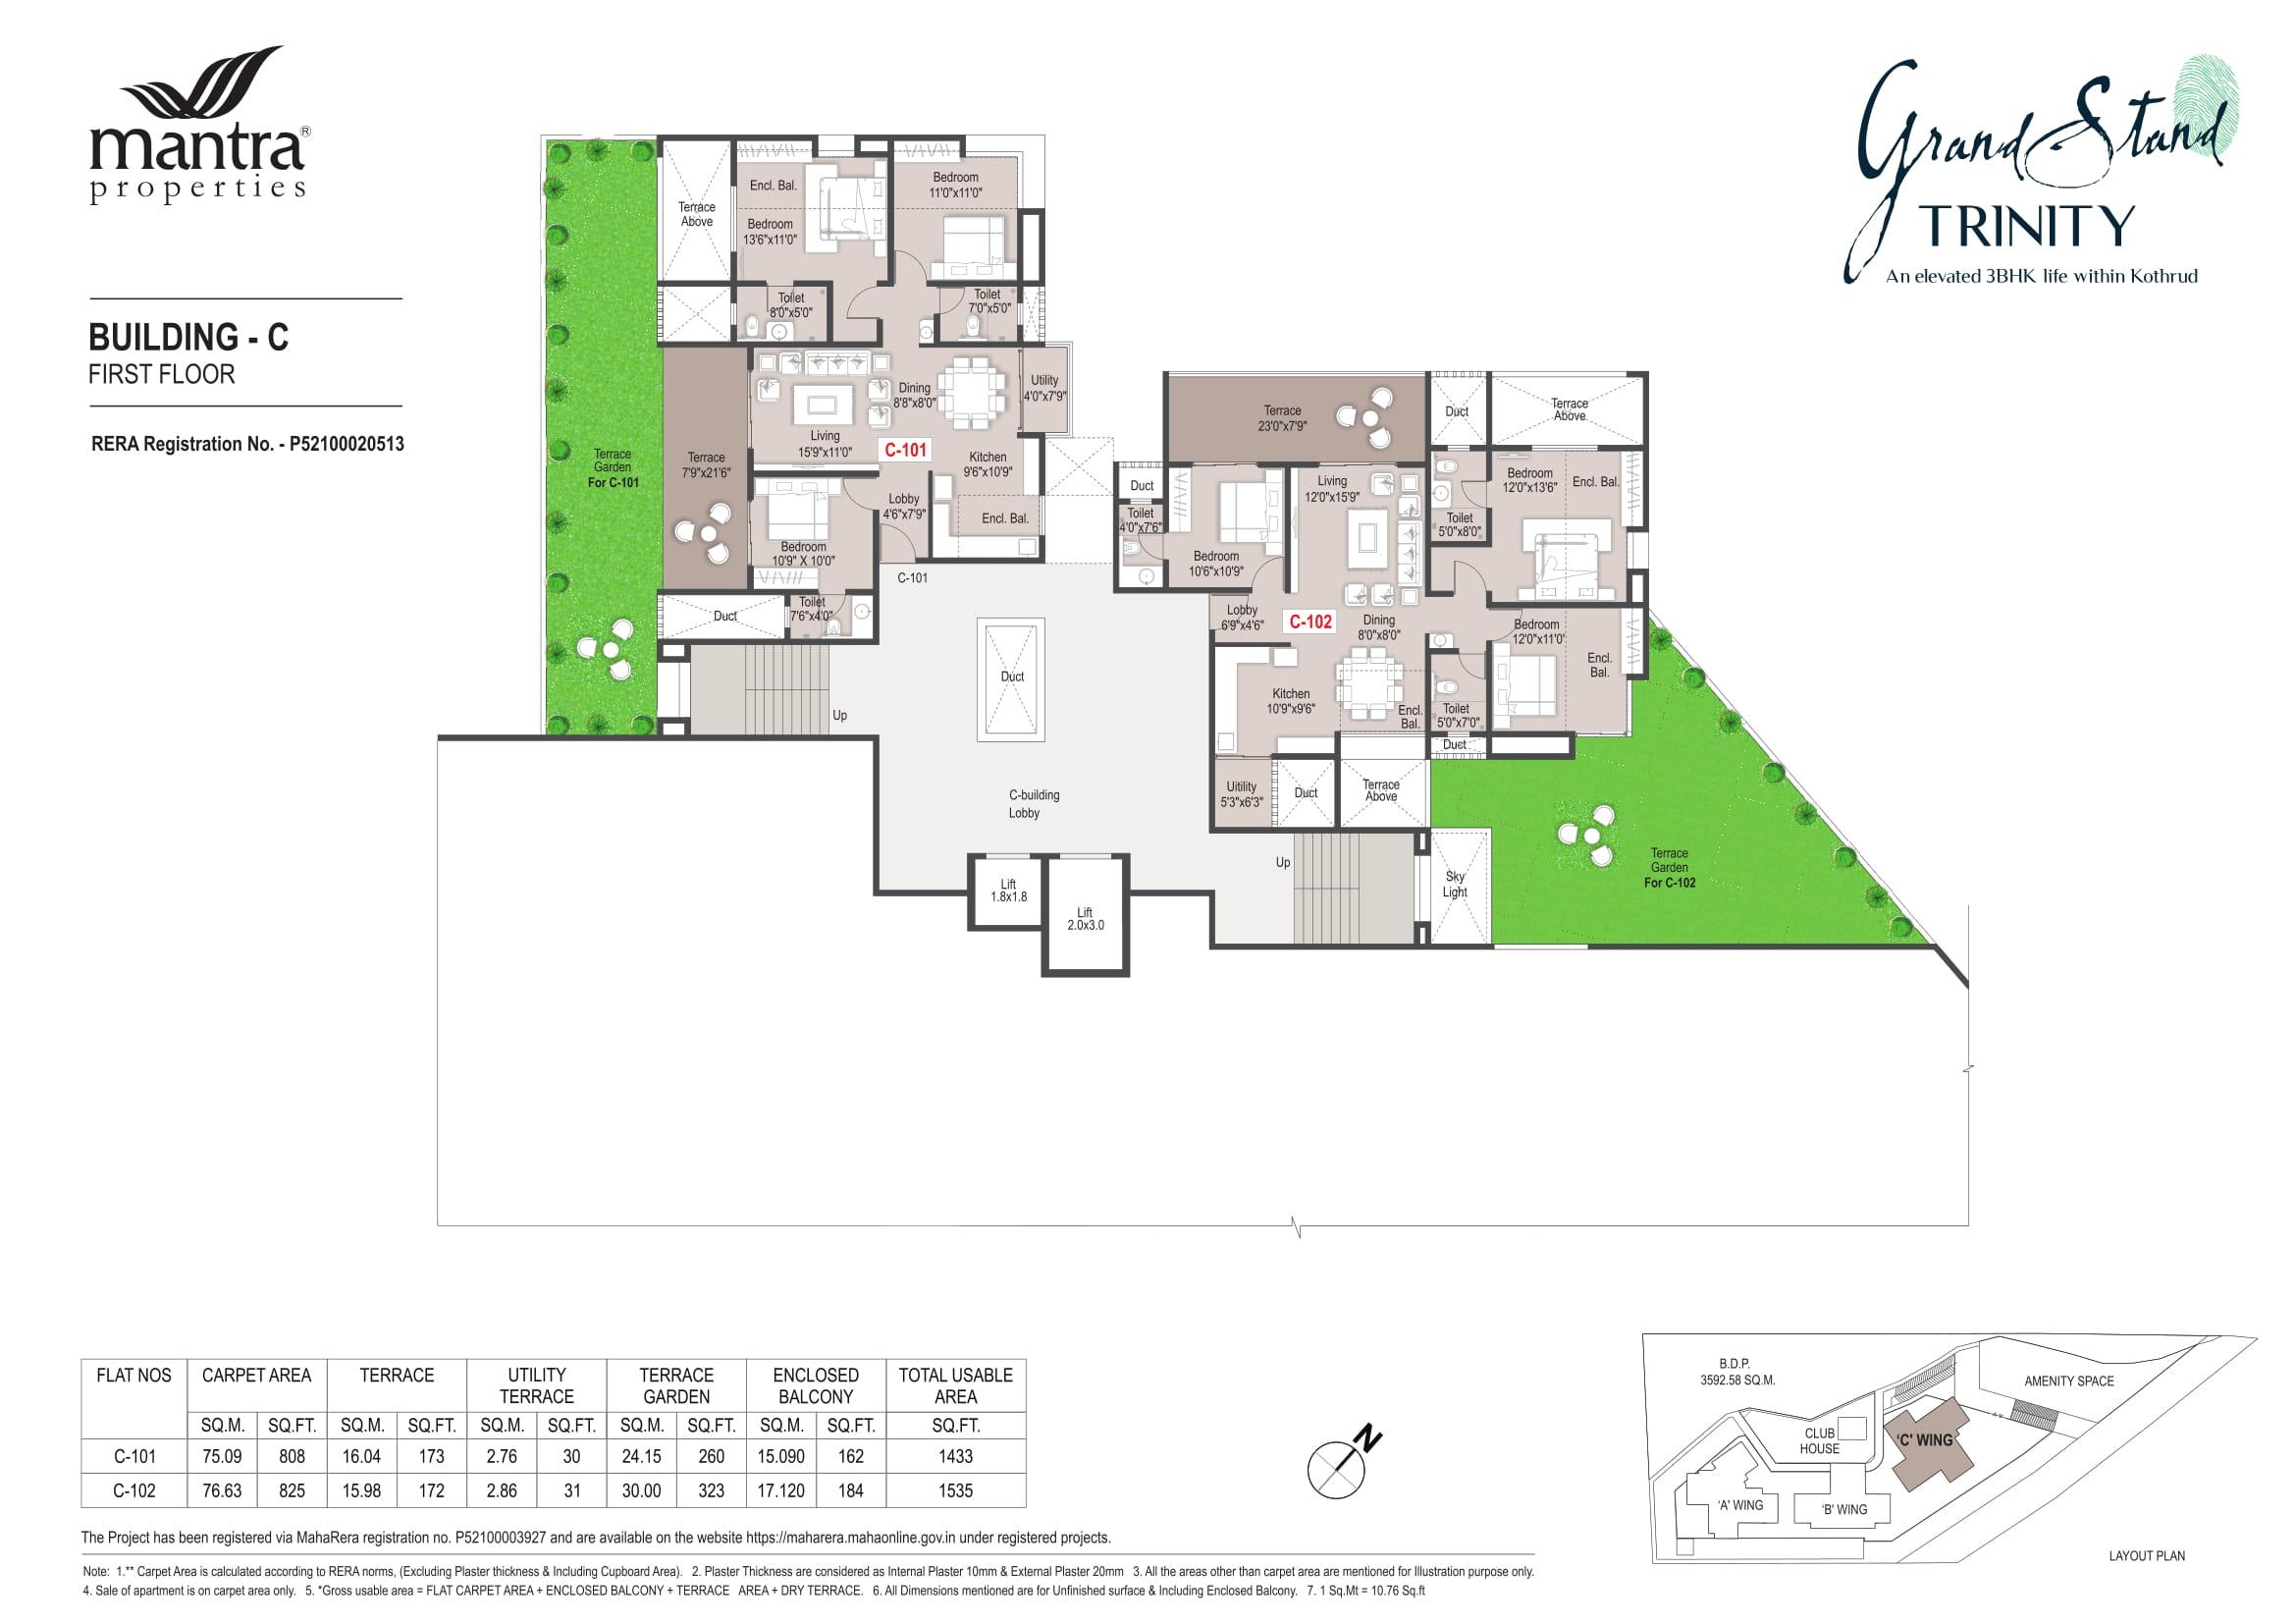 Grandstand Building - C Floor Plans-1